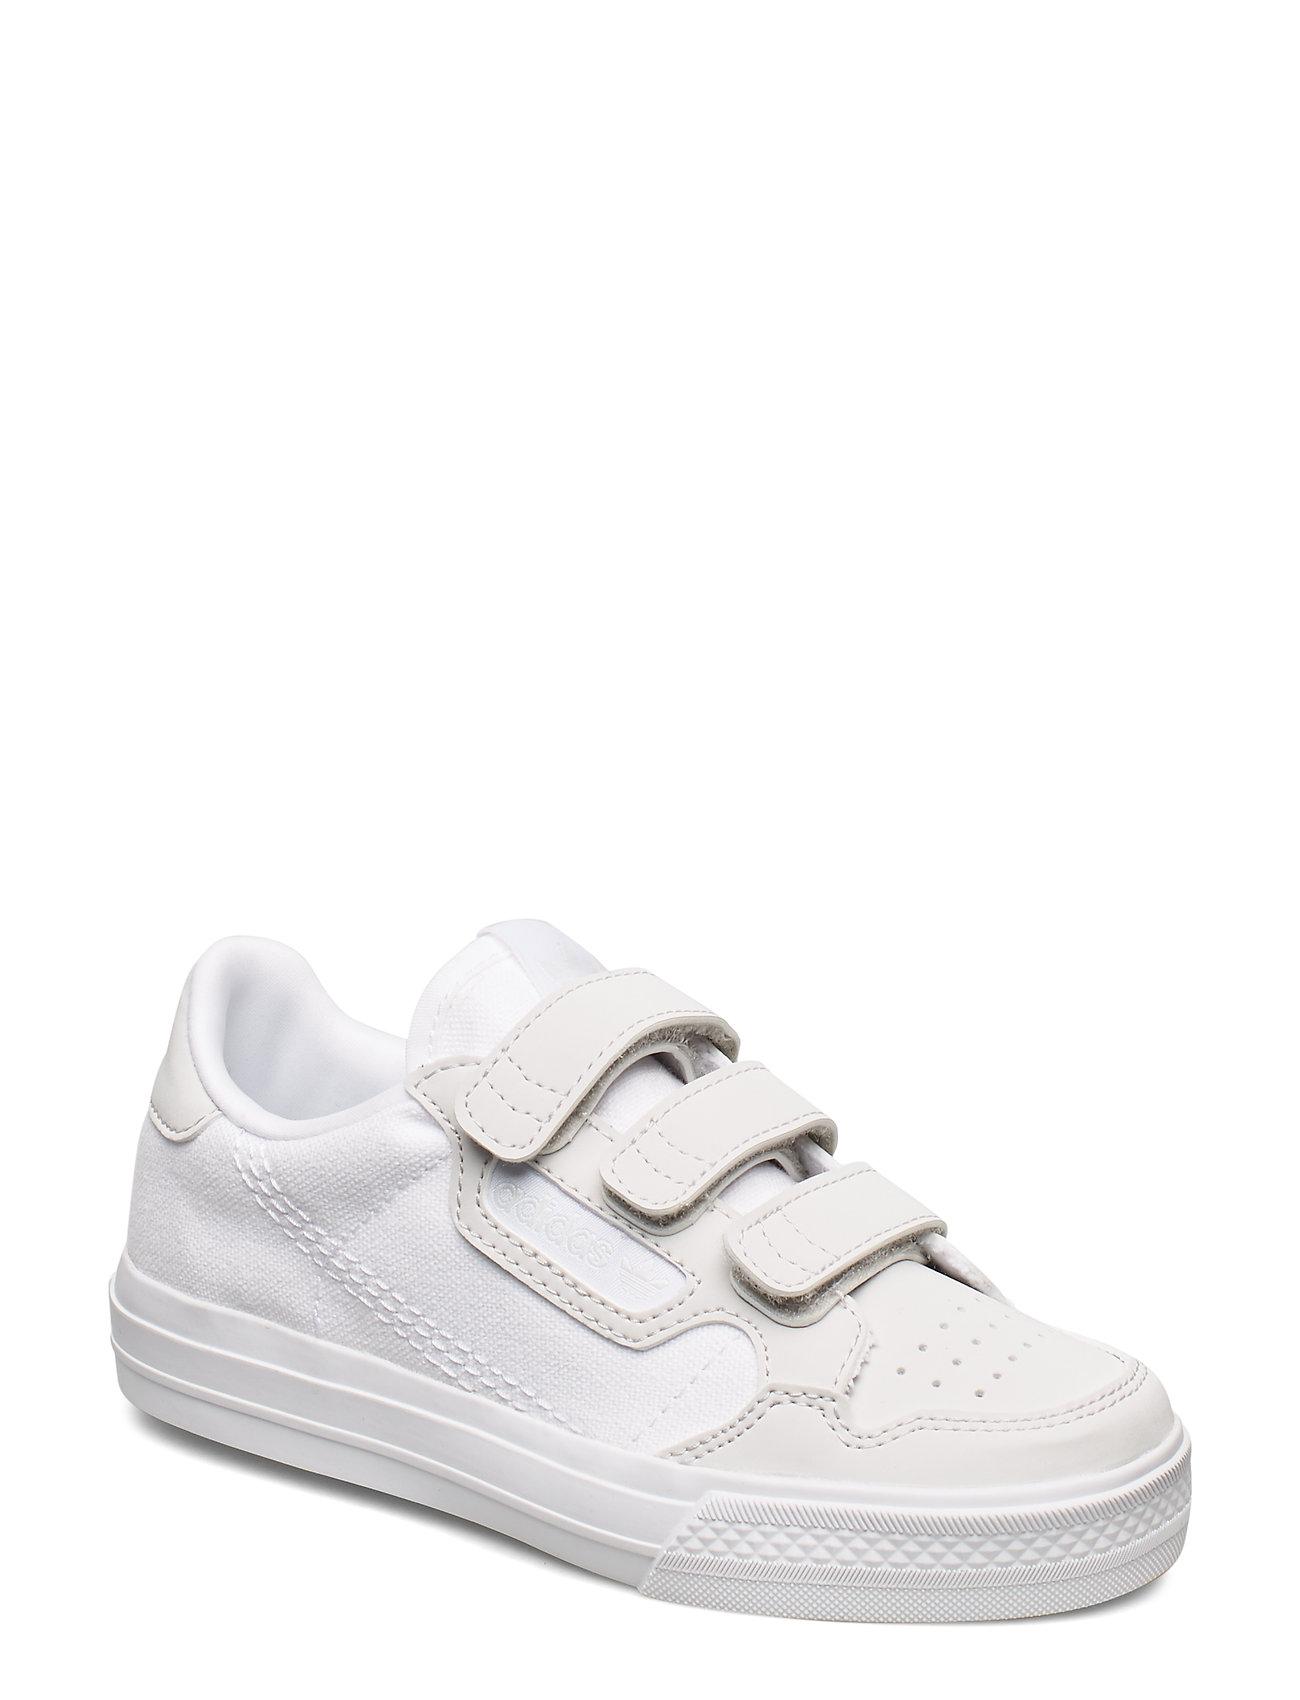 adidas Originals CONTINENTAL VULC CF C - FTWWHT/FTWWHT/GREONE